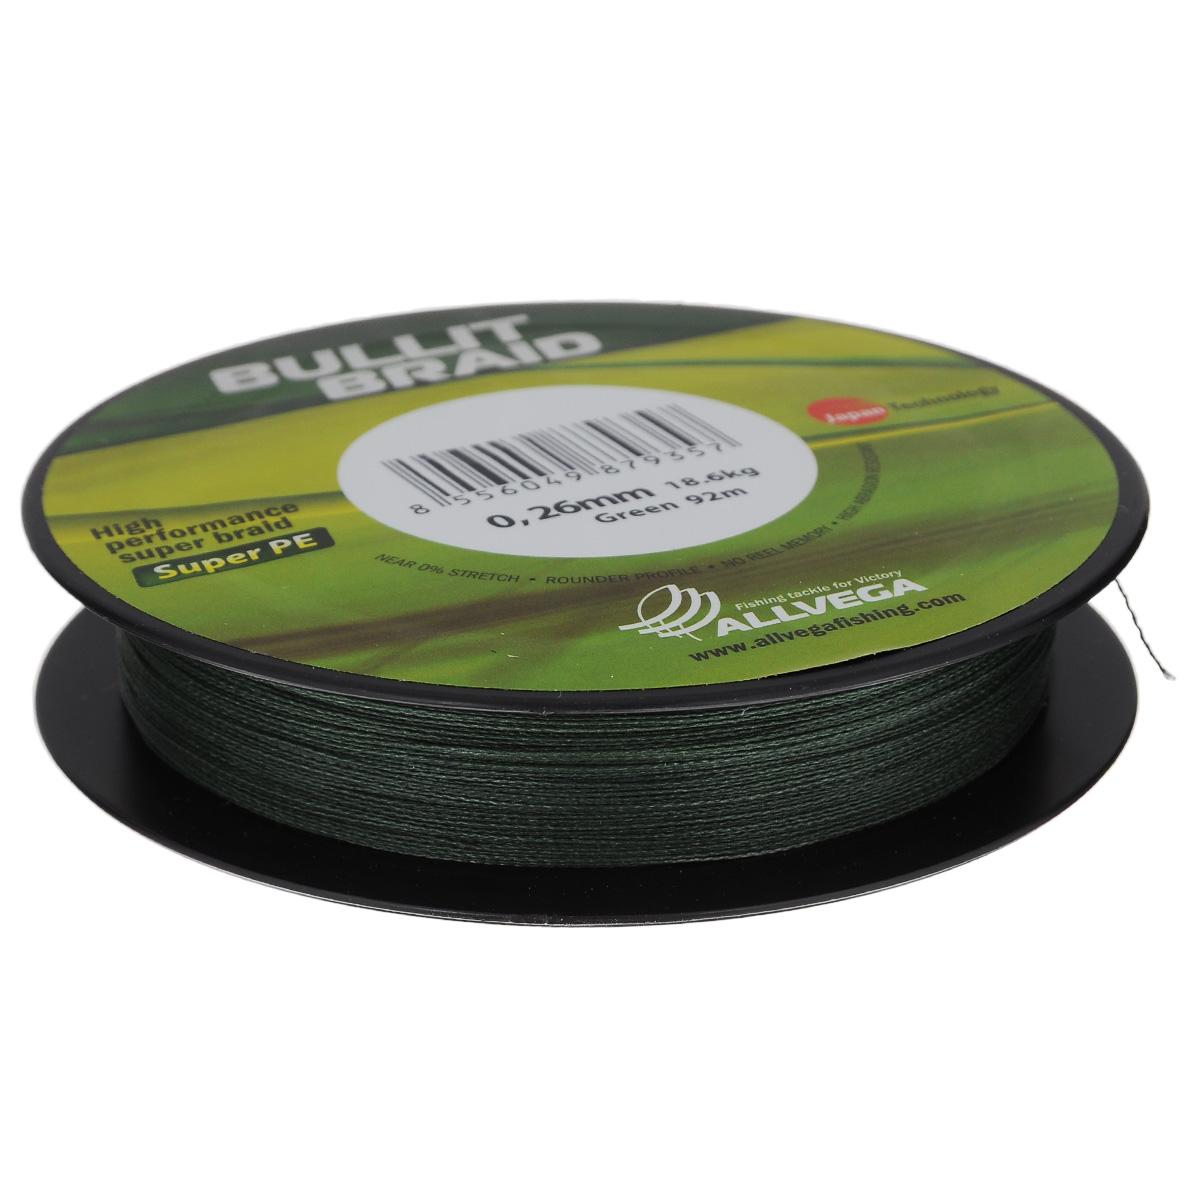 Леска плетеная Allvega Bullit Braid, цвет: темно-зеленый, 92 м, 0,26 мм, 18,6 кг218032Леска Allvega Bullit Braid разработана с учетом новейших японских технологий в сфере строения волокон. Благодаря микроволокнам полиэтилена (Super PE) леска имеет очень плотное плетение, не впитывает воду, имеет гладкую круглую поверхность и одинаковое сечение по всей длине.